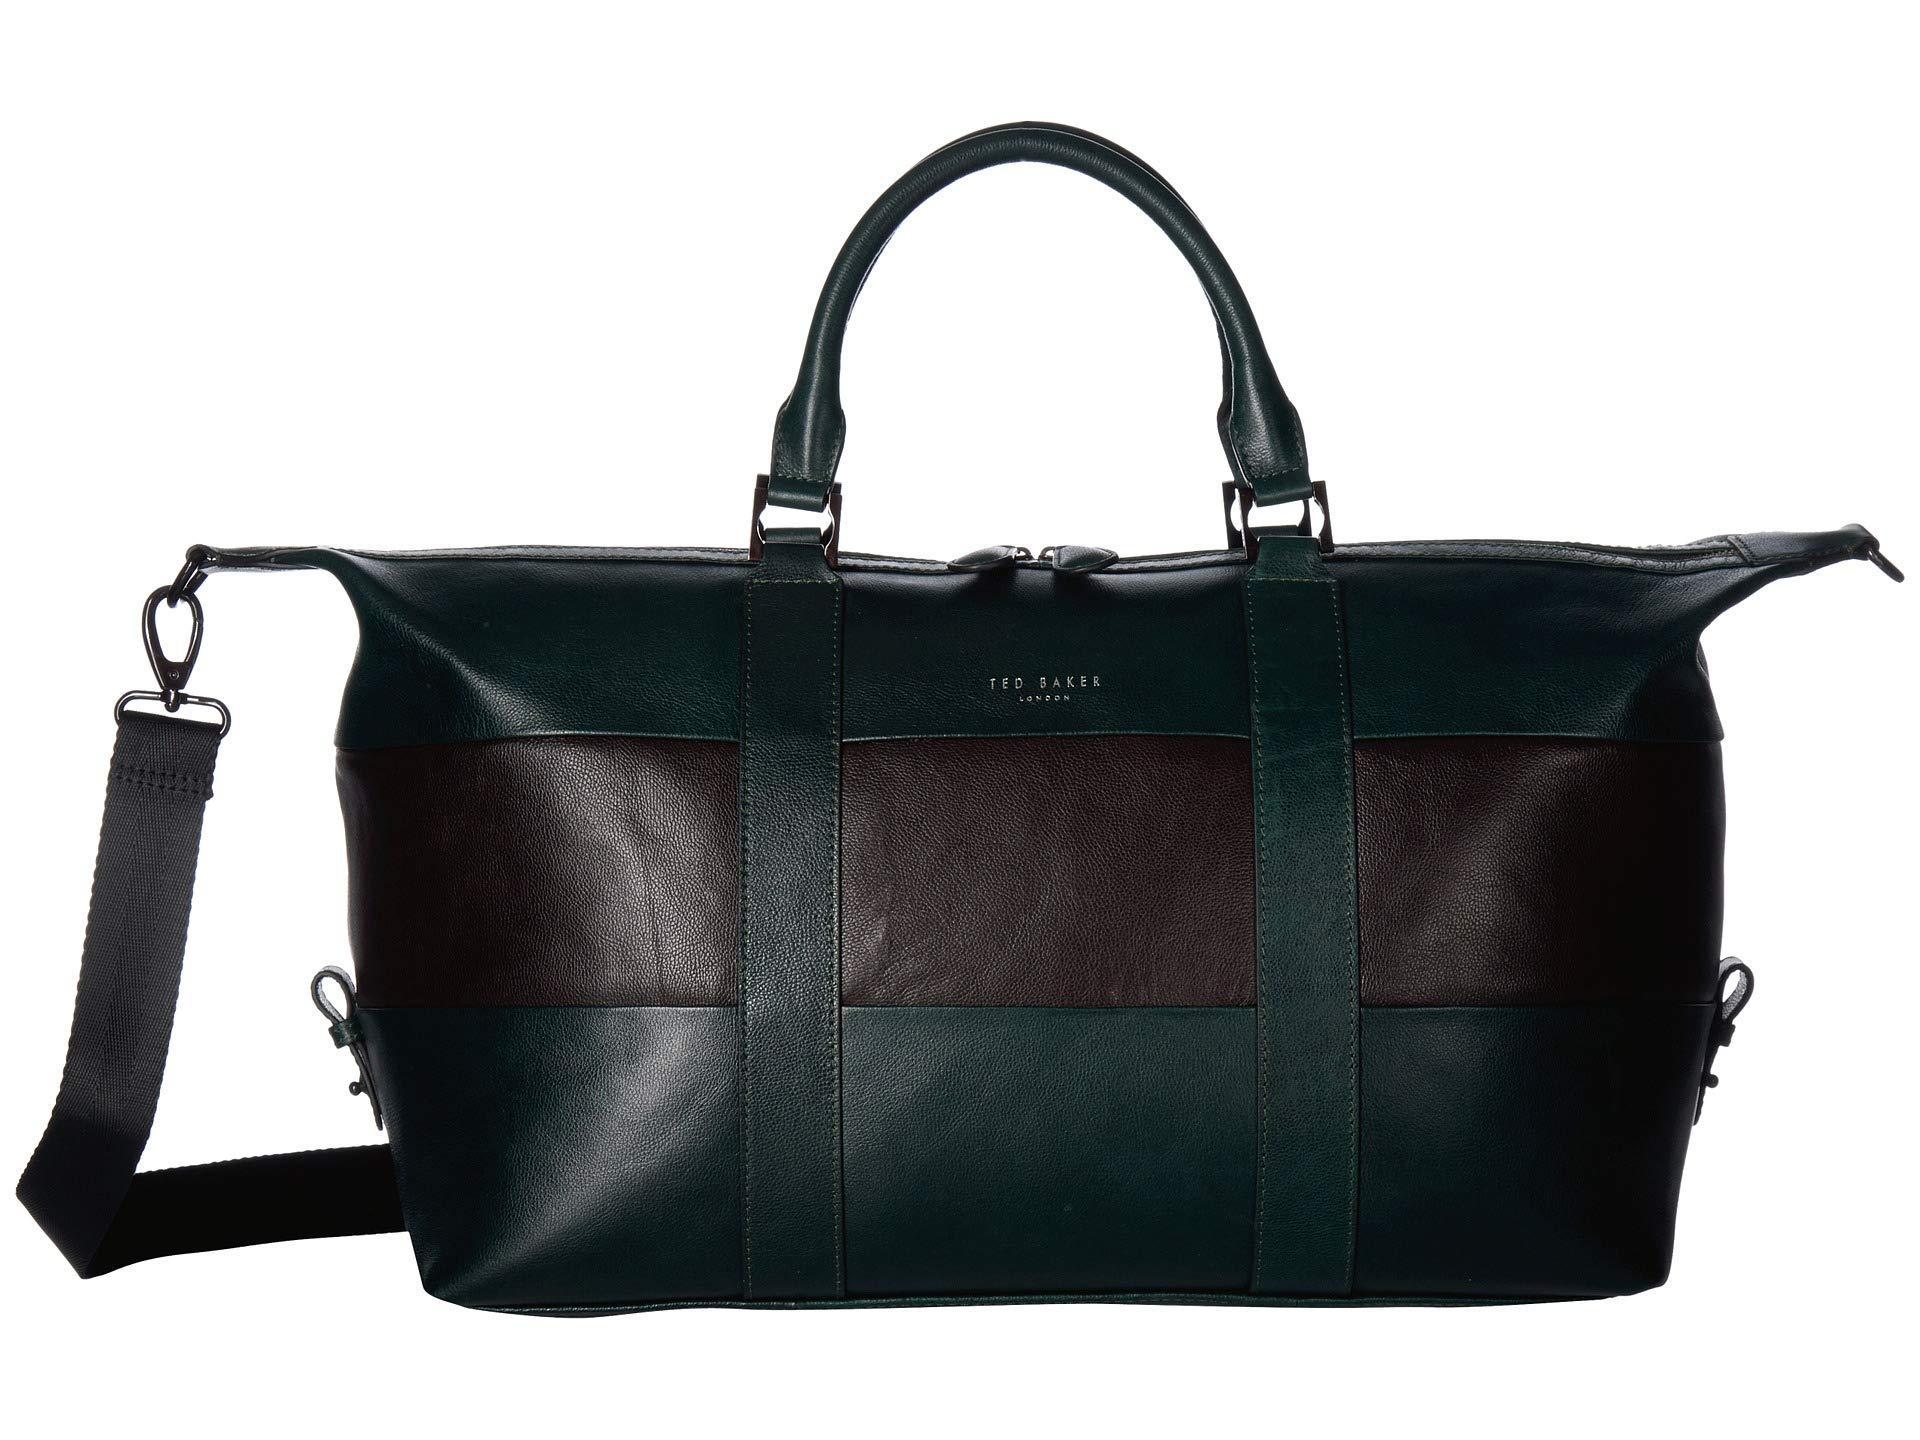 8abea751e05 Ted Baker - Elton Striped Leather Holdall (dark Green) Duffel Bags for Men  -. View fullscreen